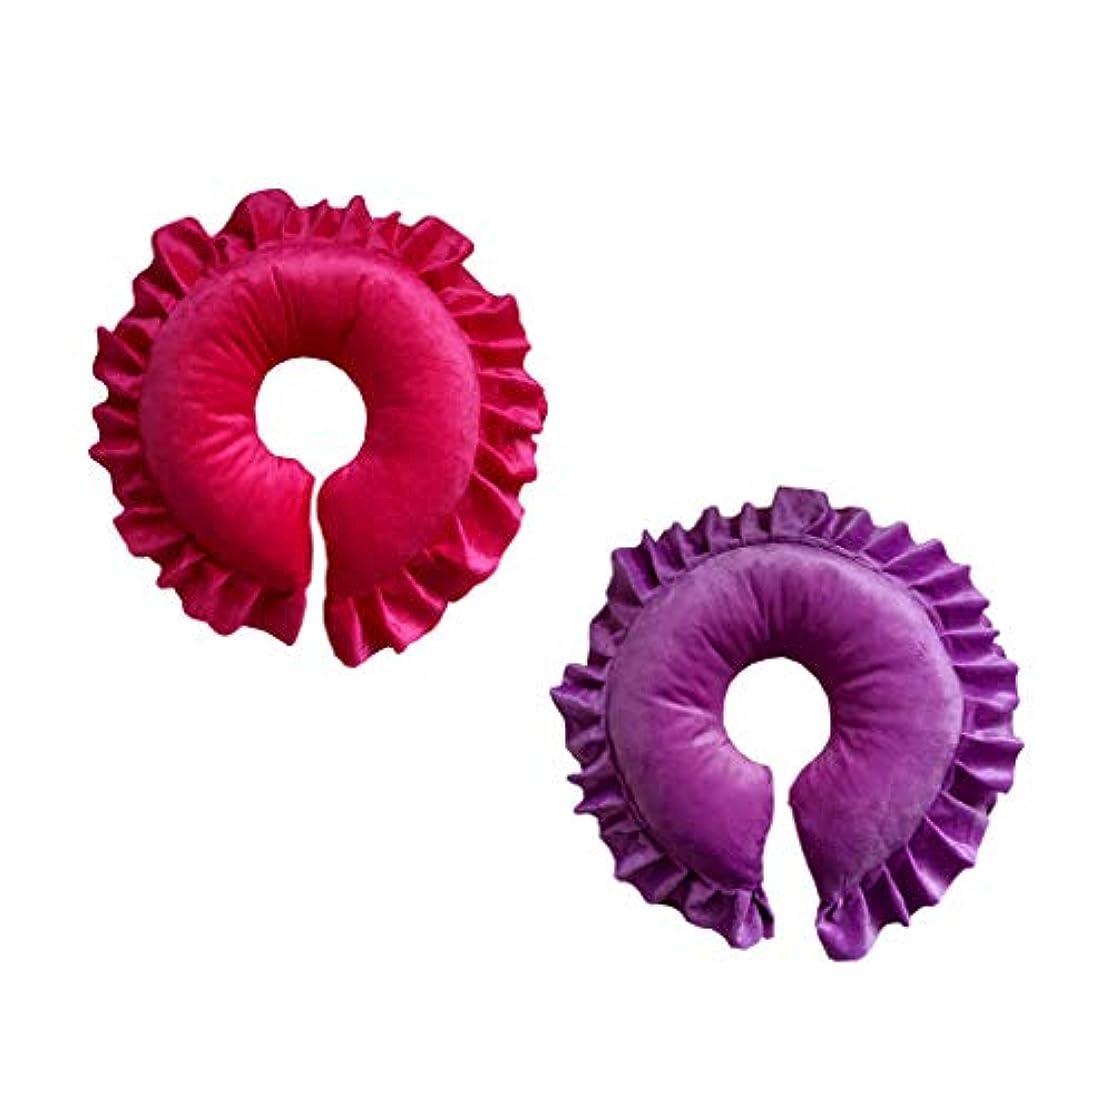 スペクトラム免疫記述するPerfeclan 2個 フェイスピロー マッサージ枕 クッション サロン スパ 快適 実用的 紫&赤 2ピース